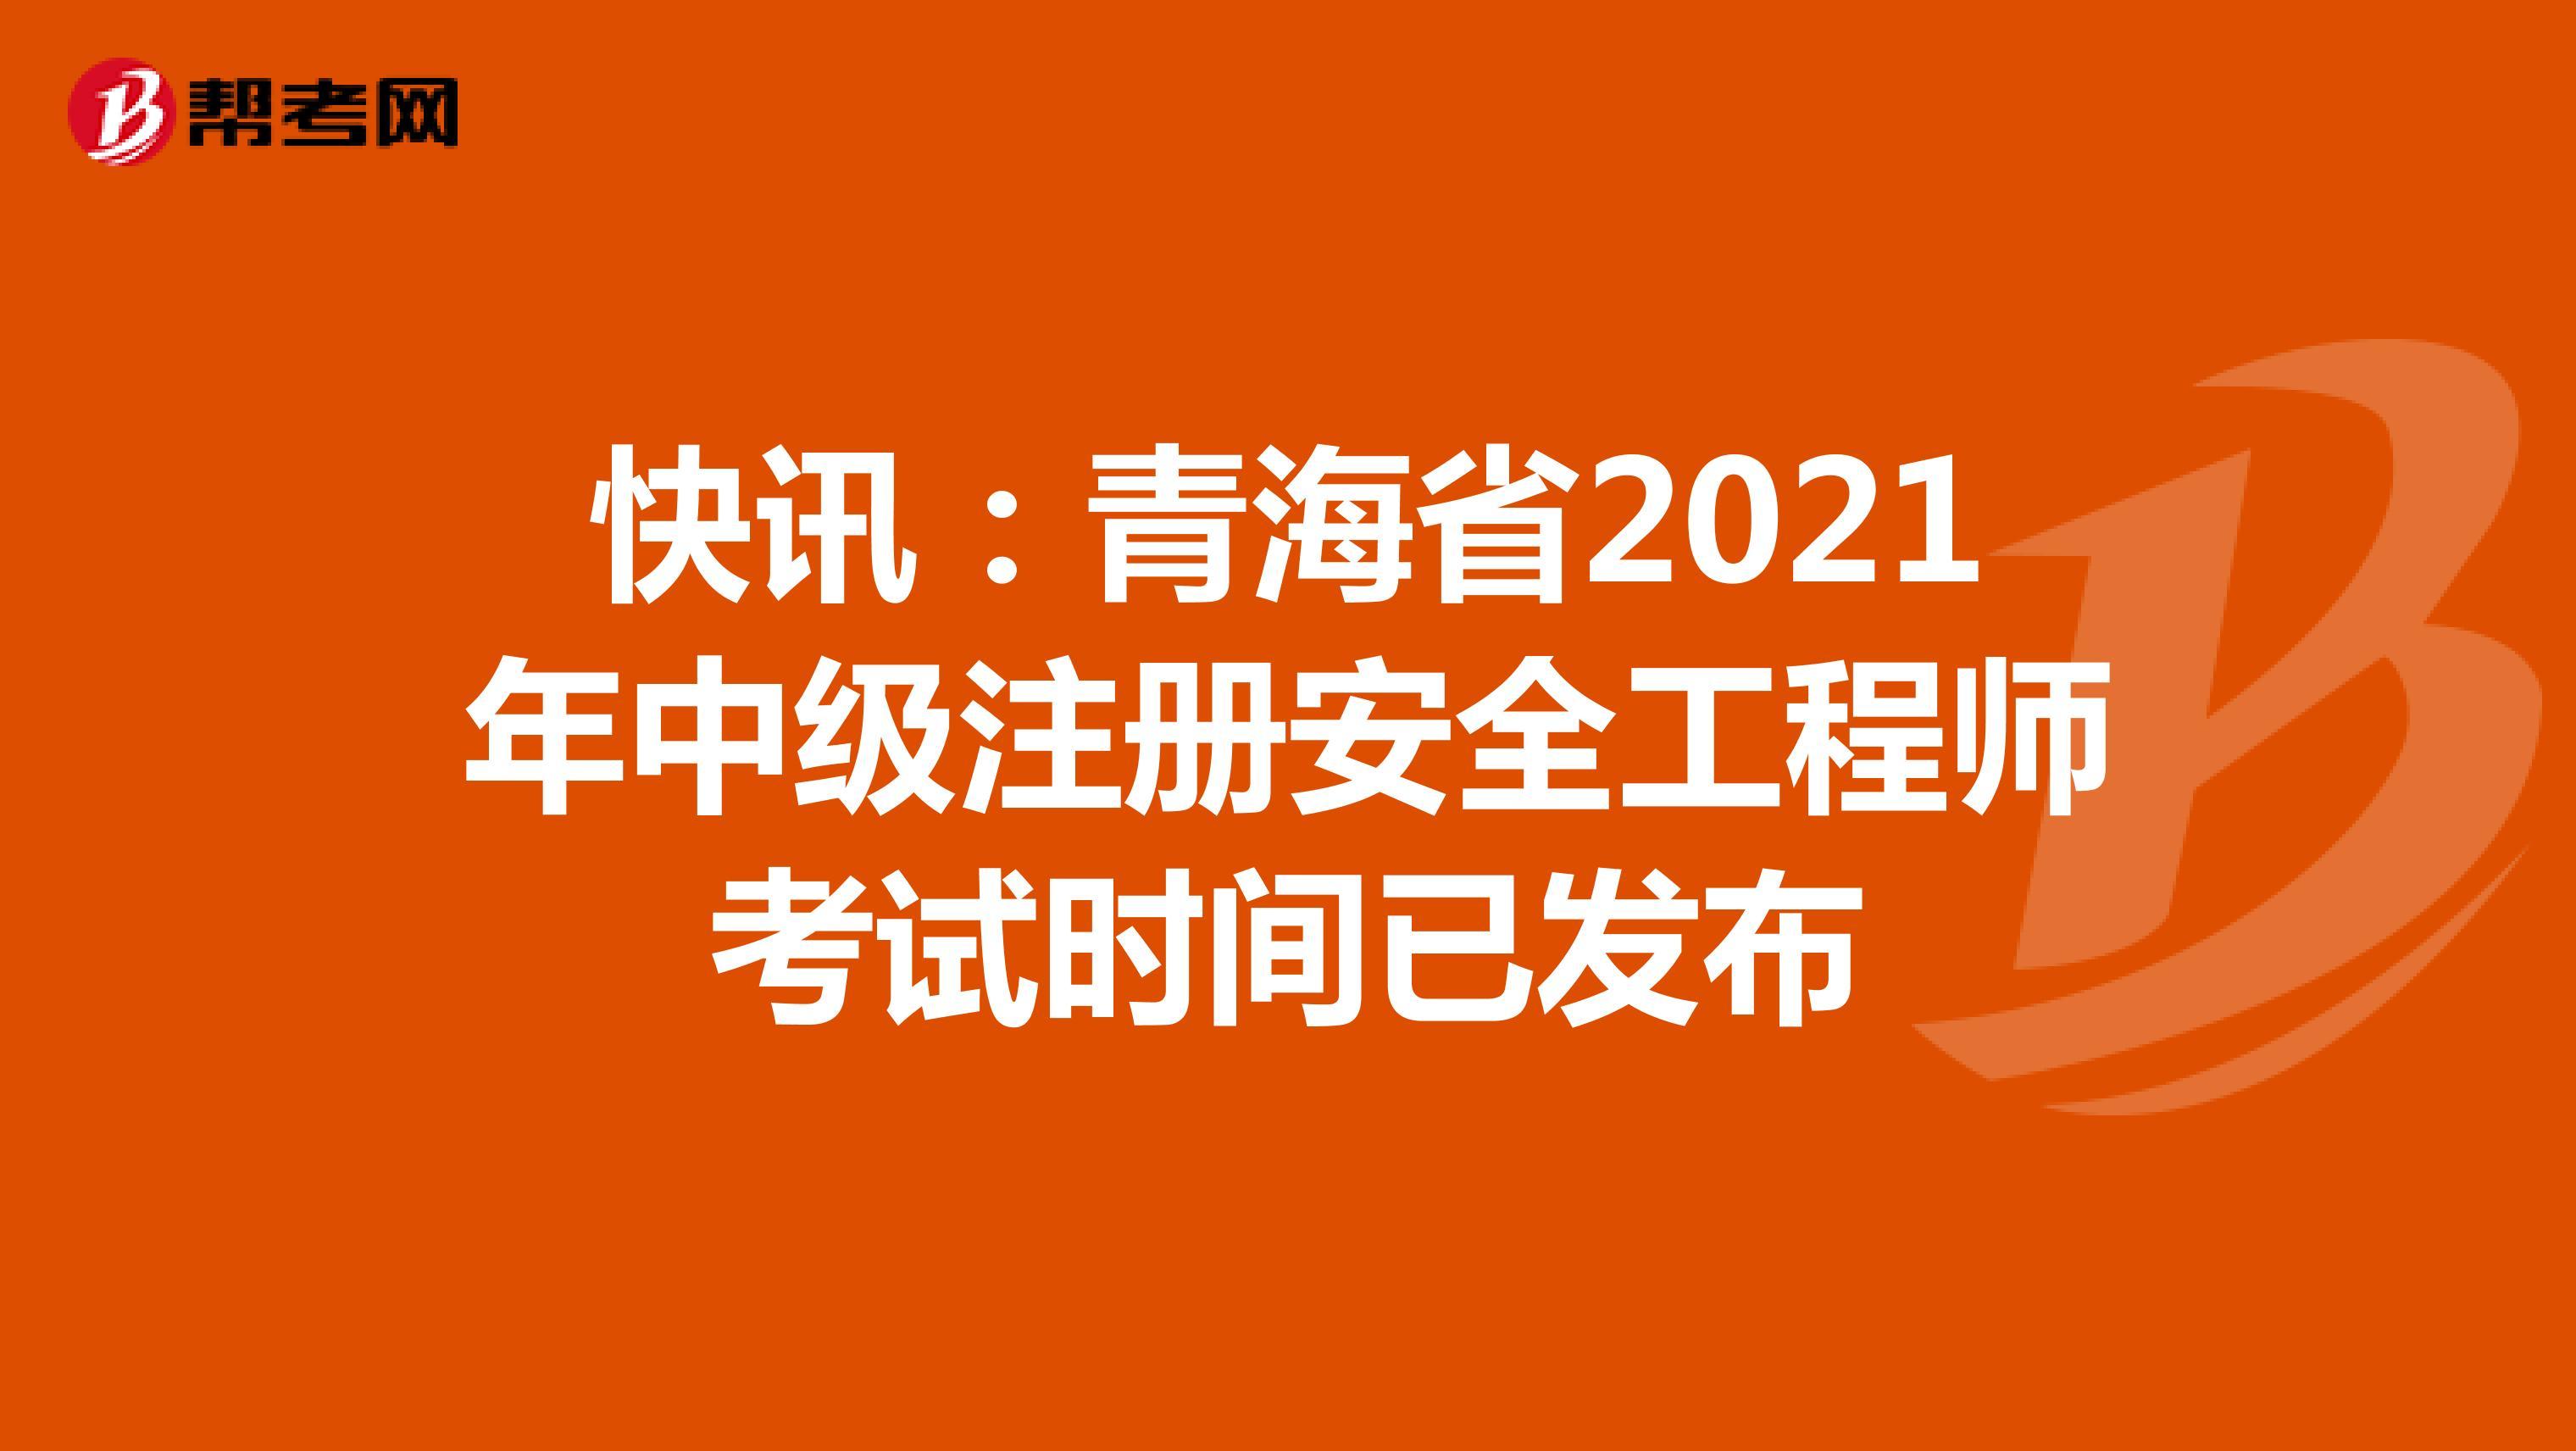 快讯:青海省2021年中级注册安全工程师考试时间已发布